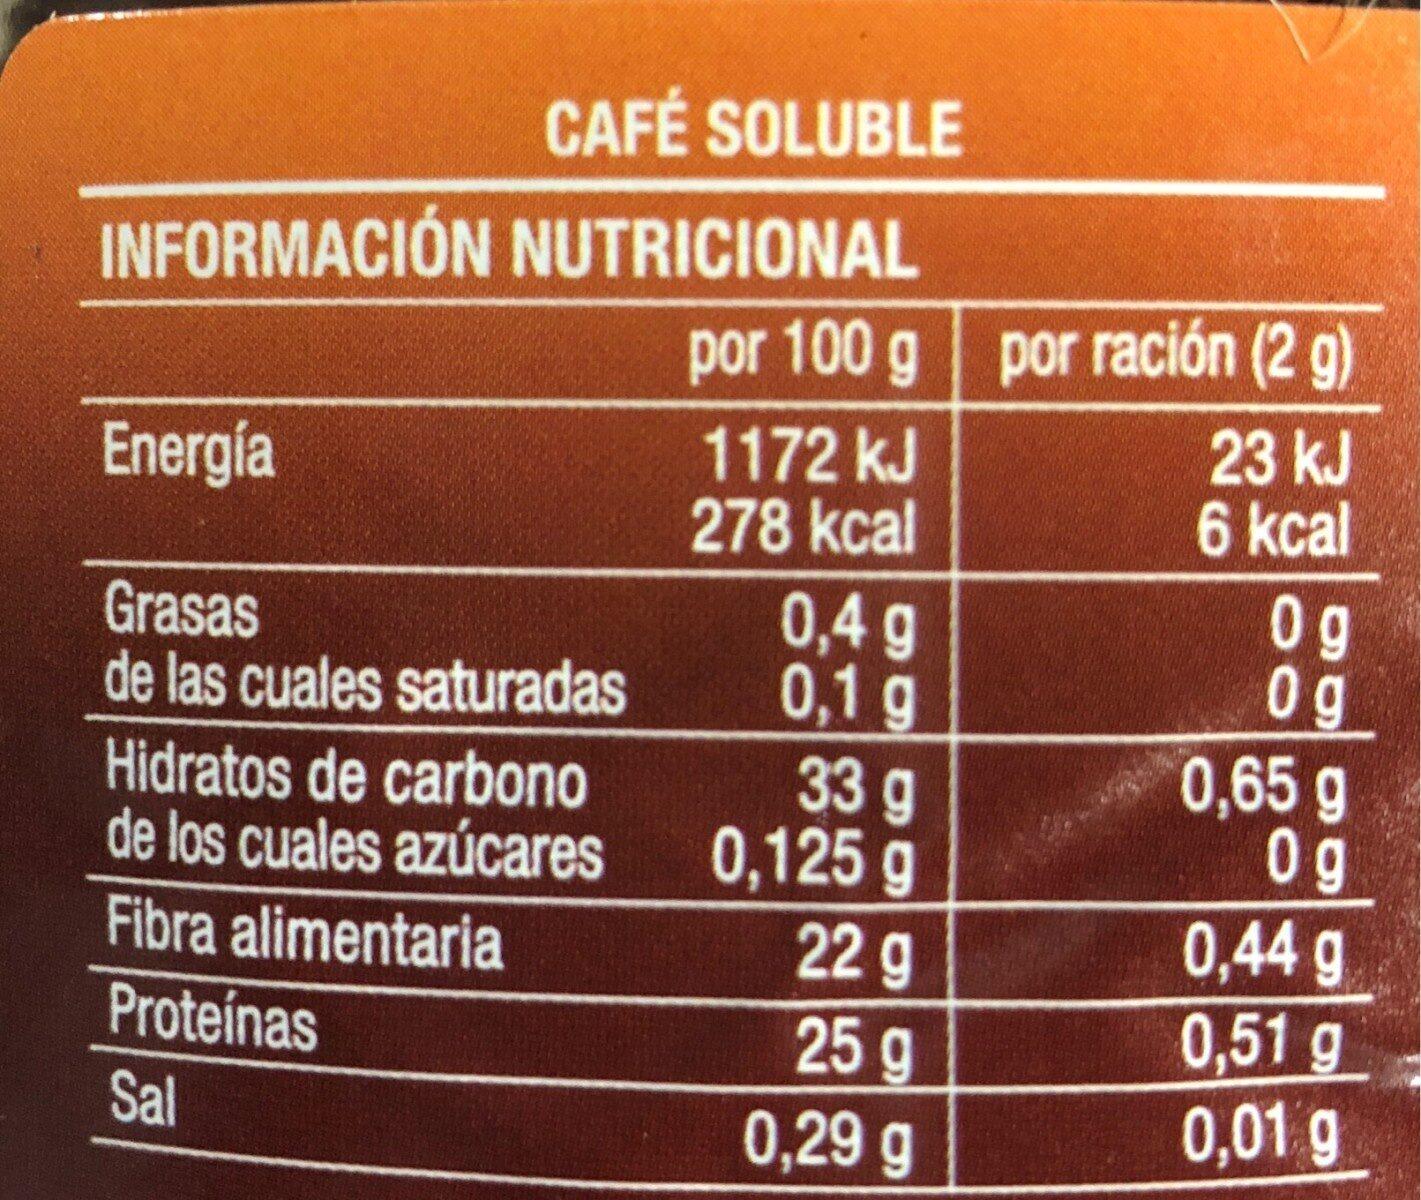 Cafe soluble Clásico - Información nutricional - es